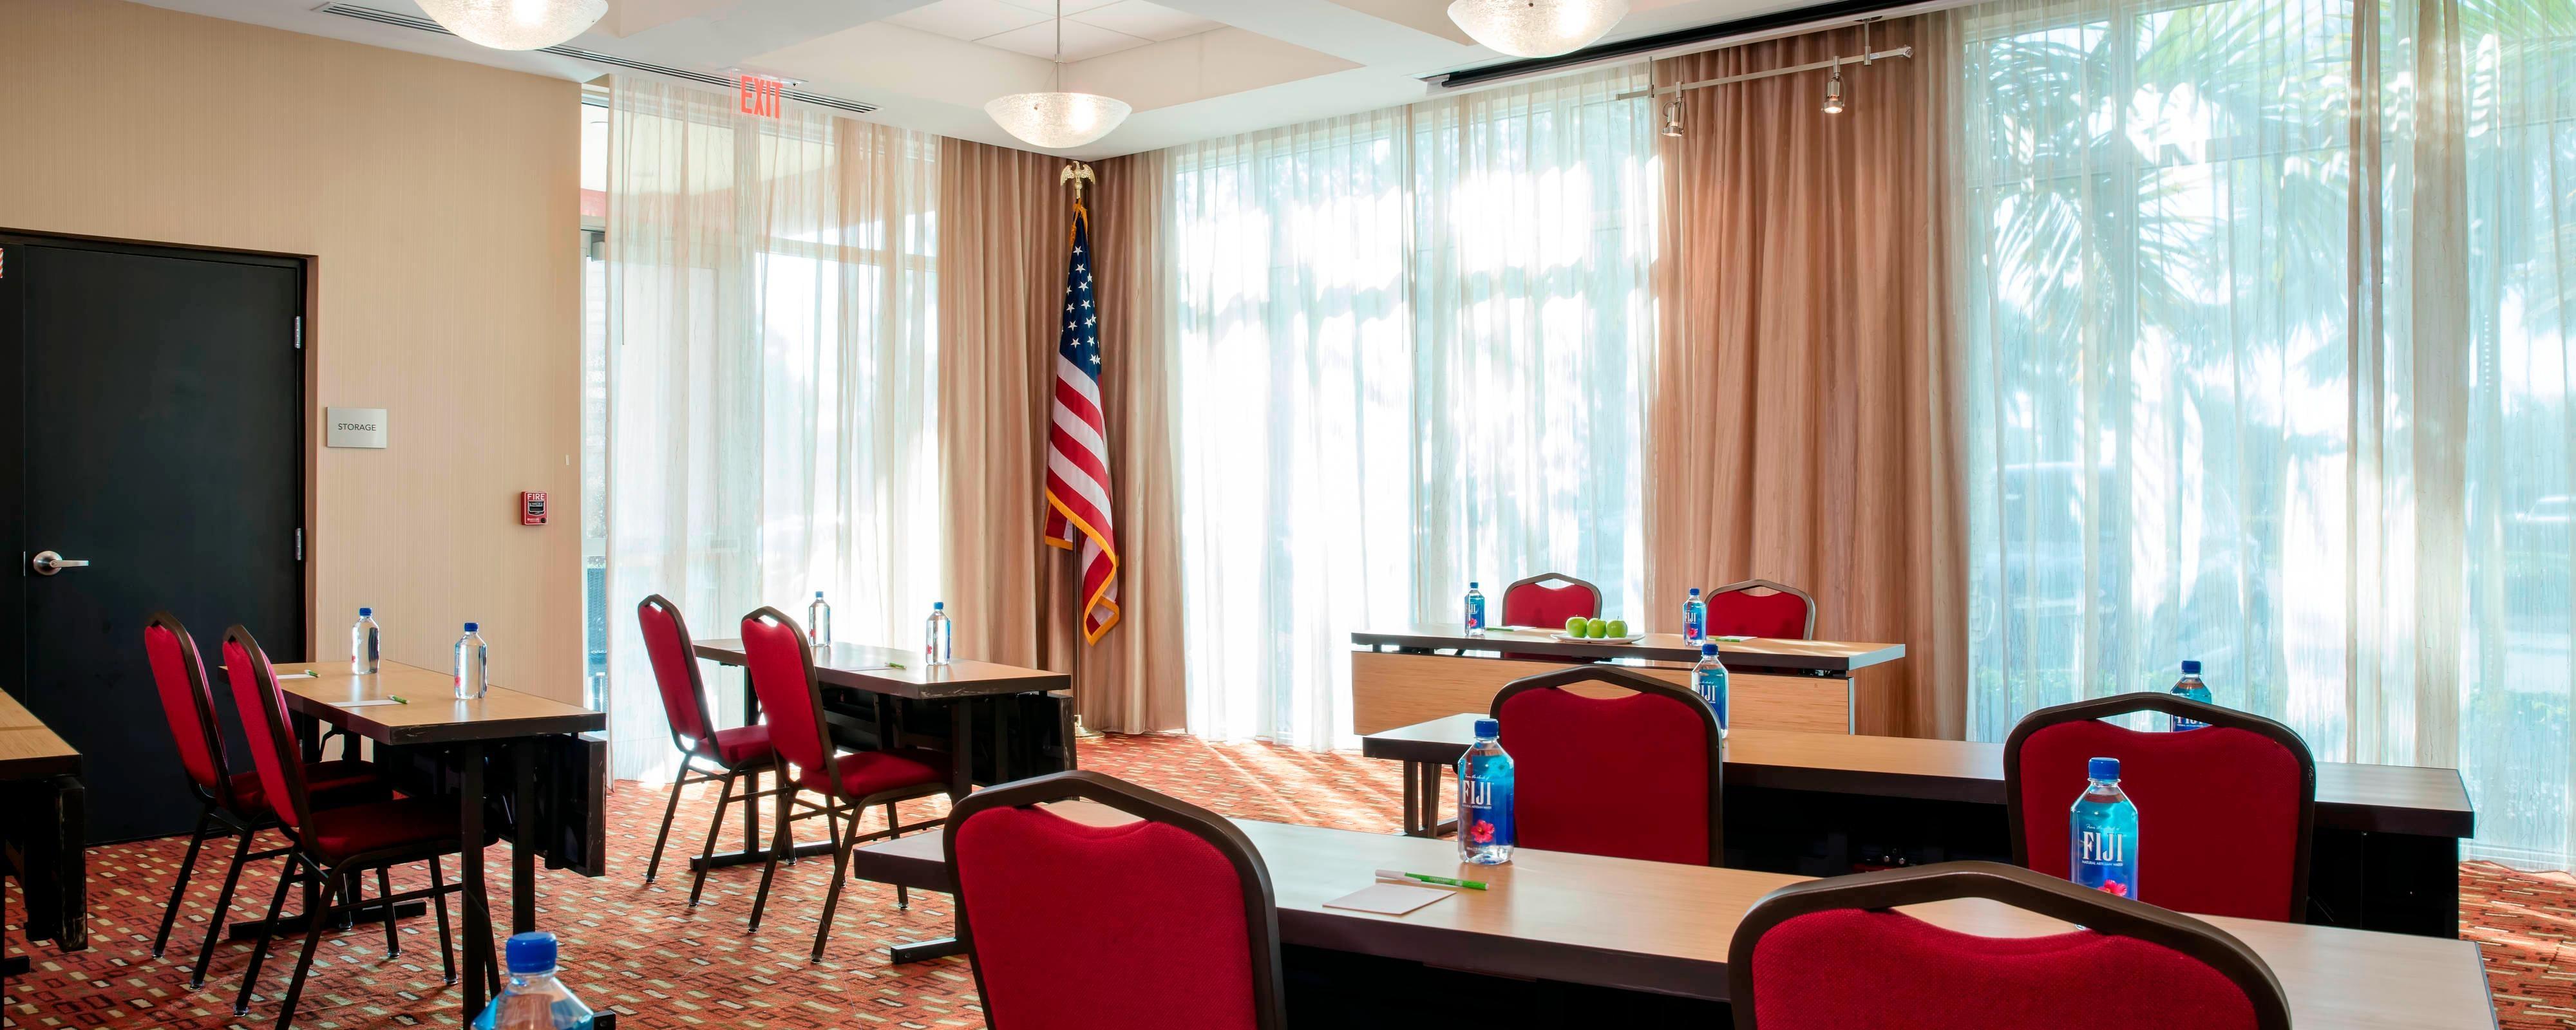 Homestead Florida Hotel Deals